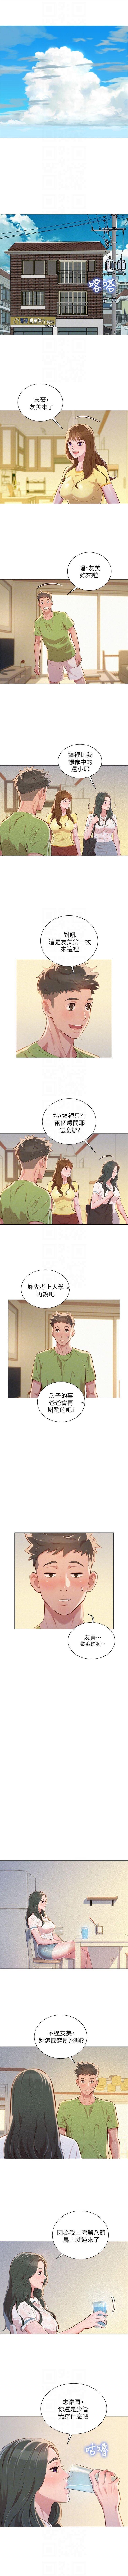 (週7)漂亮幹姐姐  1-92 中文翻譯 (更新中) 264